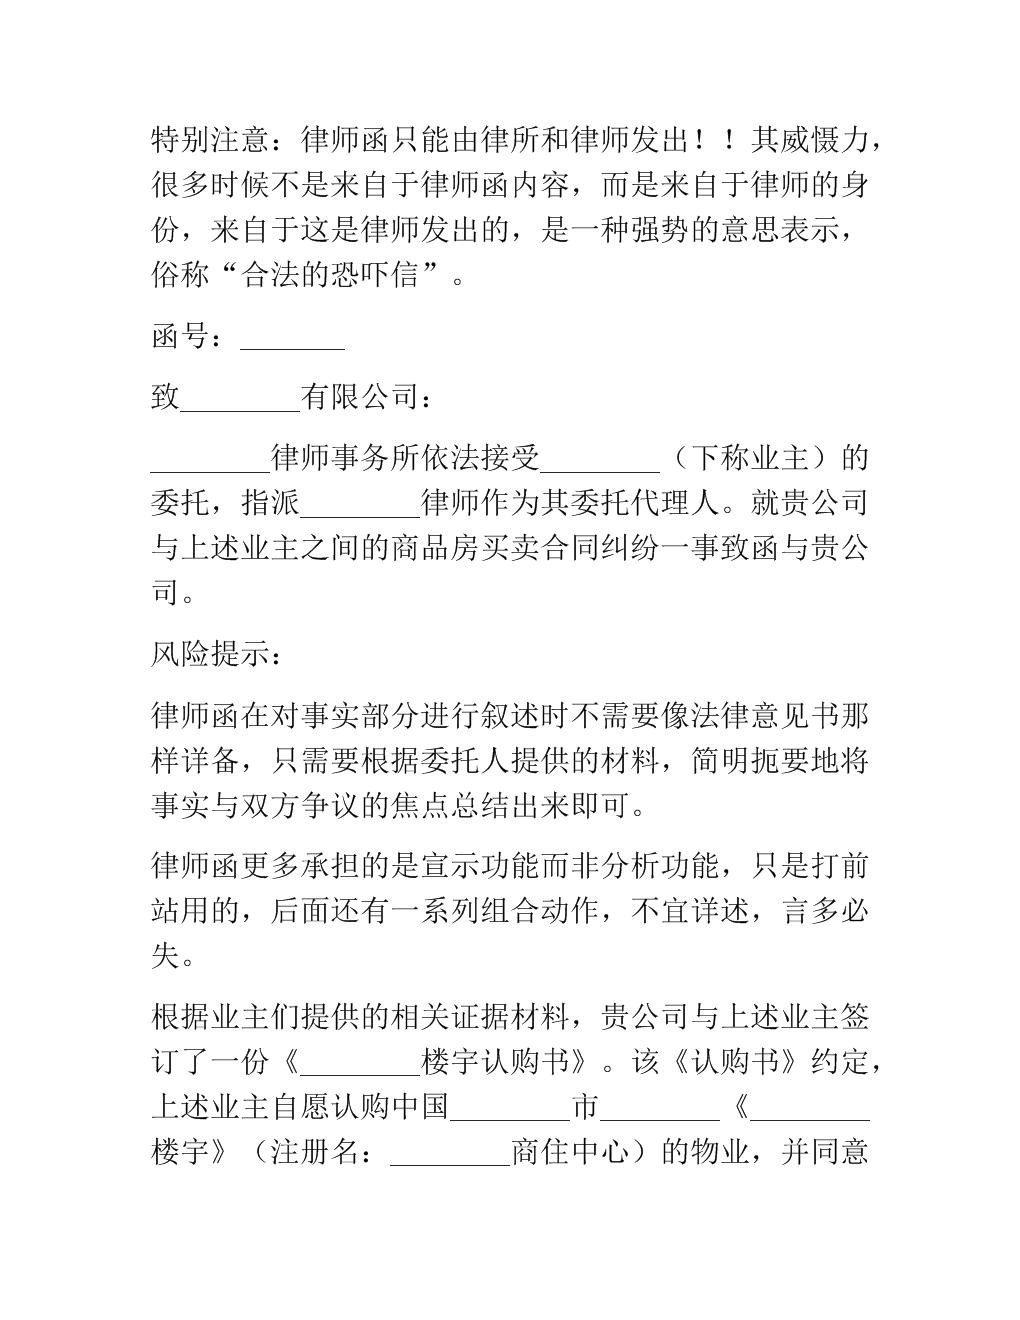 买卖合同纠纷律师函范本2018专业版(3).docx